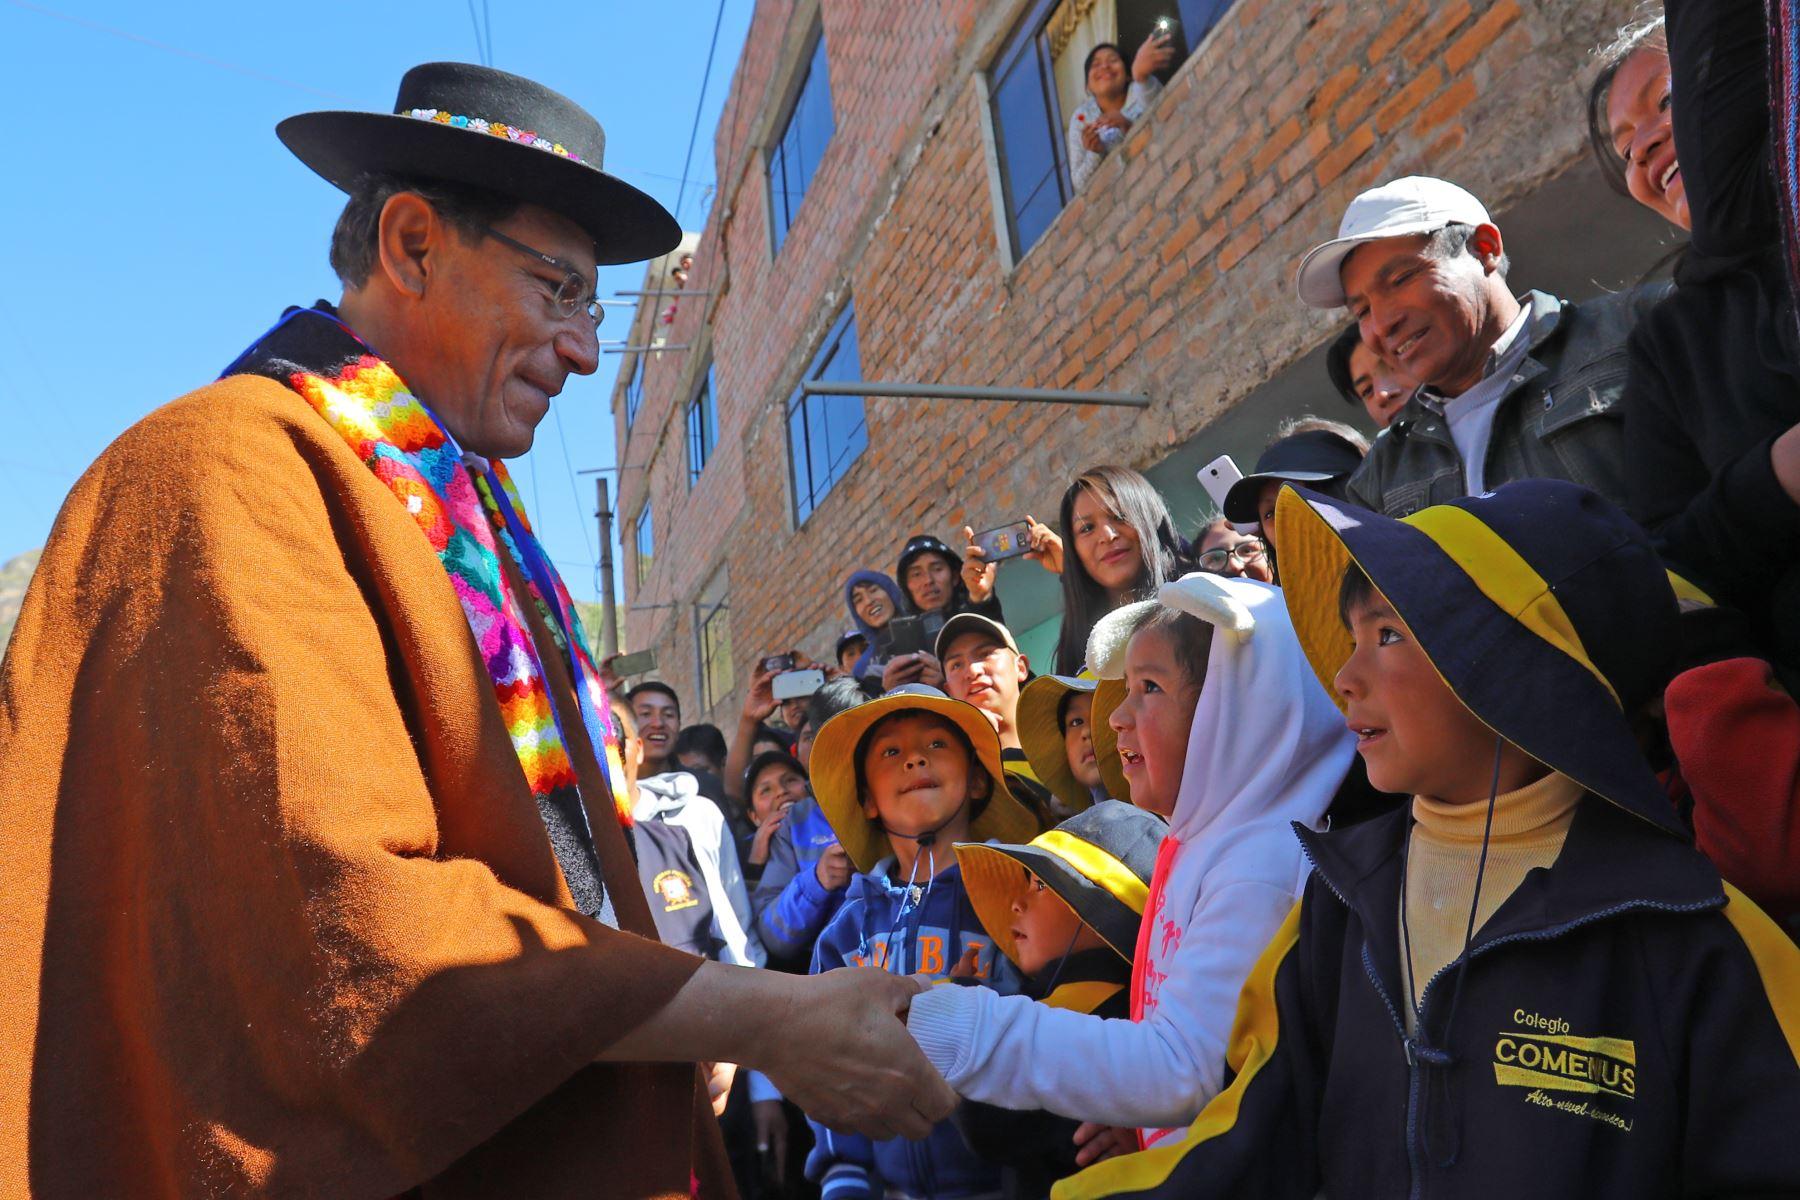 Jefe del Estado, Martín Vizcarra, inspecciona instituciones educativas emblemáticas Daniel Hernández en Pampas y José María Arguedas de Licacay-Angaraes. Foto: ANDINA/Presidencia.